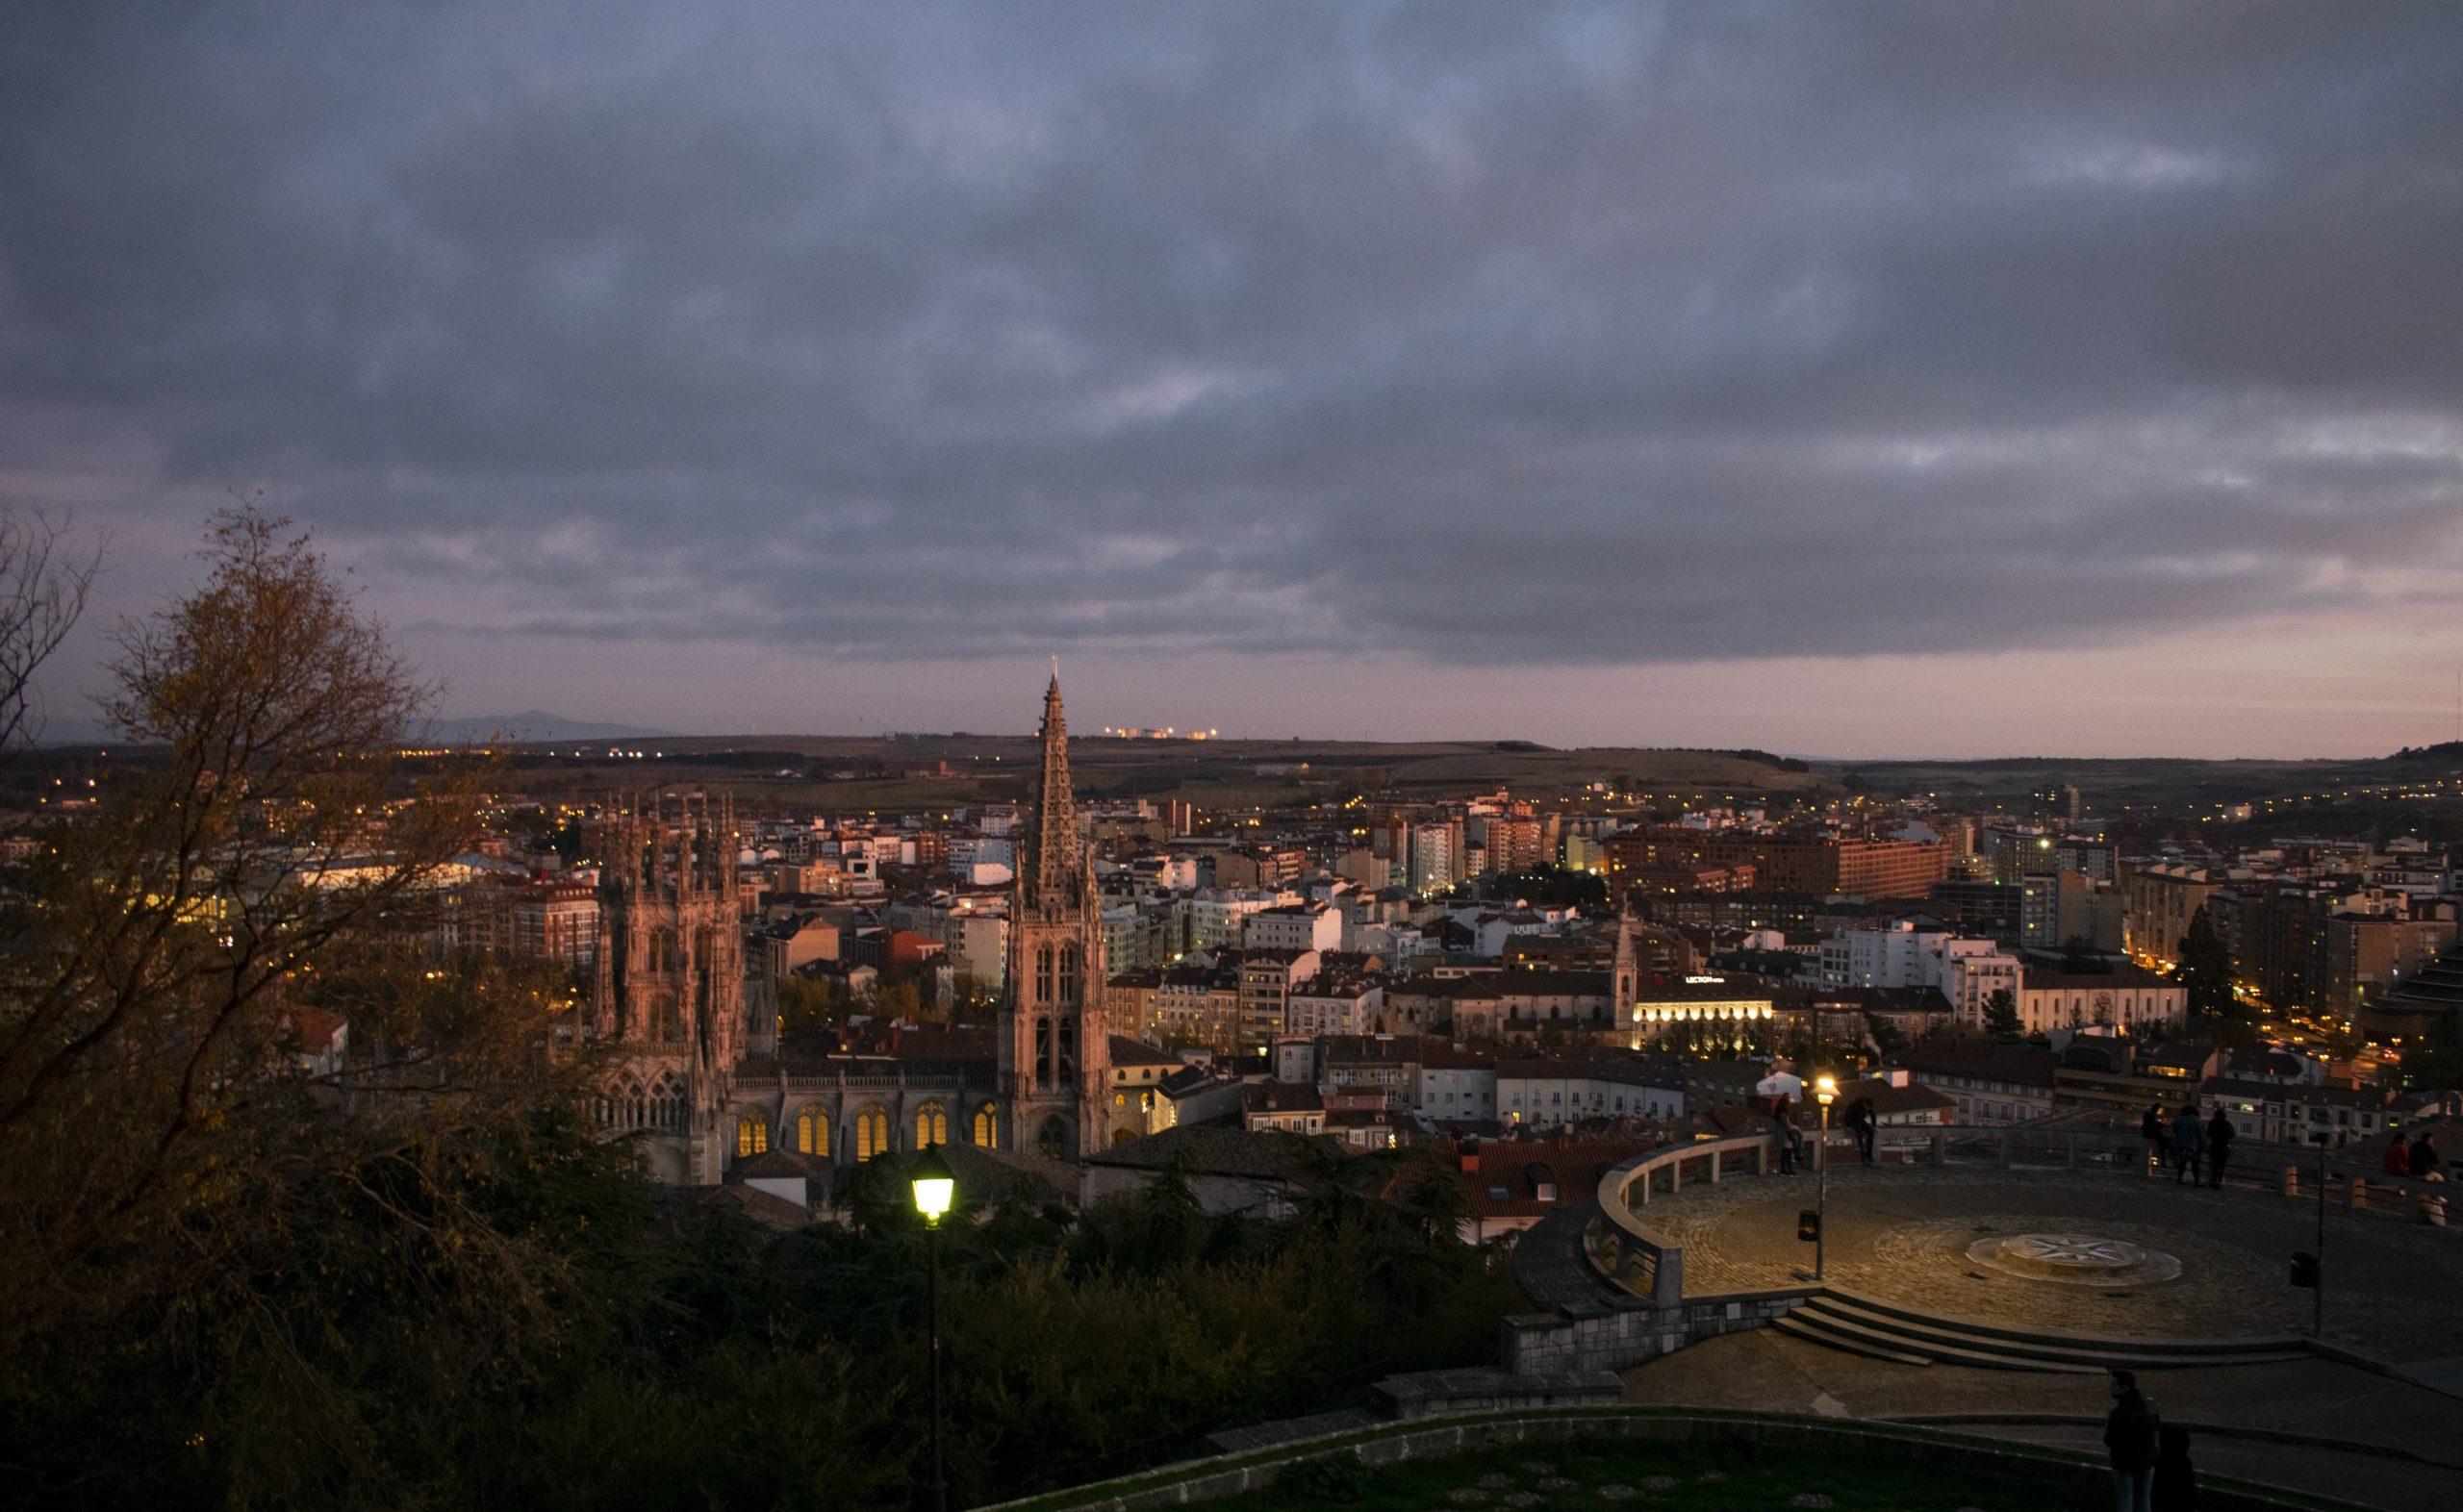 Mirador del castillo. Planes en Burgos en tiempos de Covid